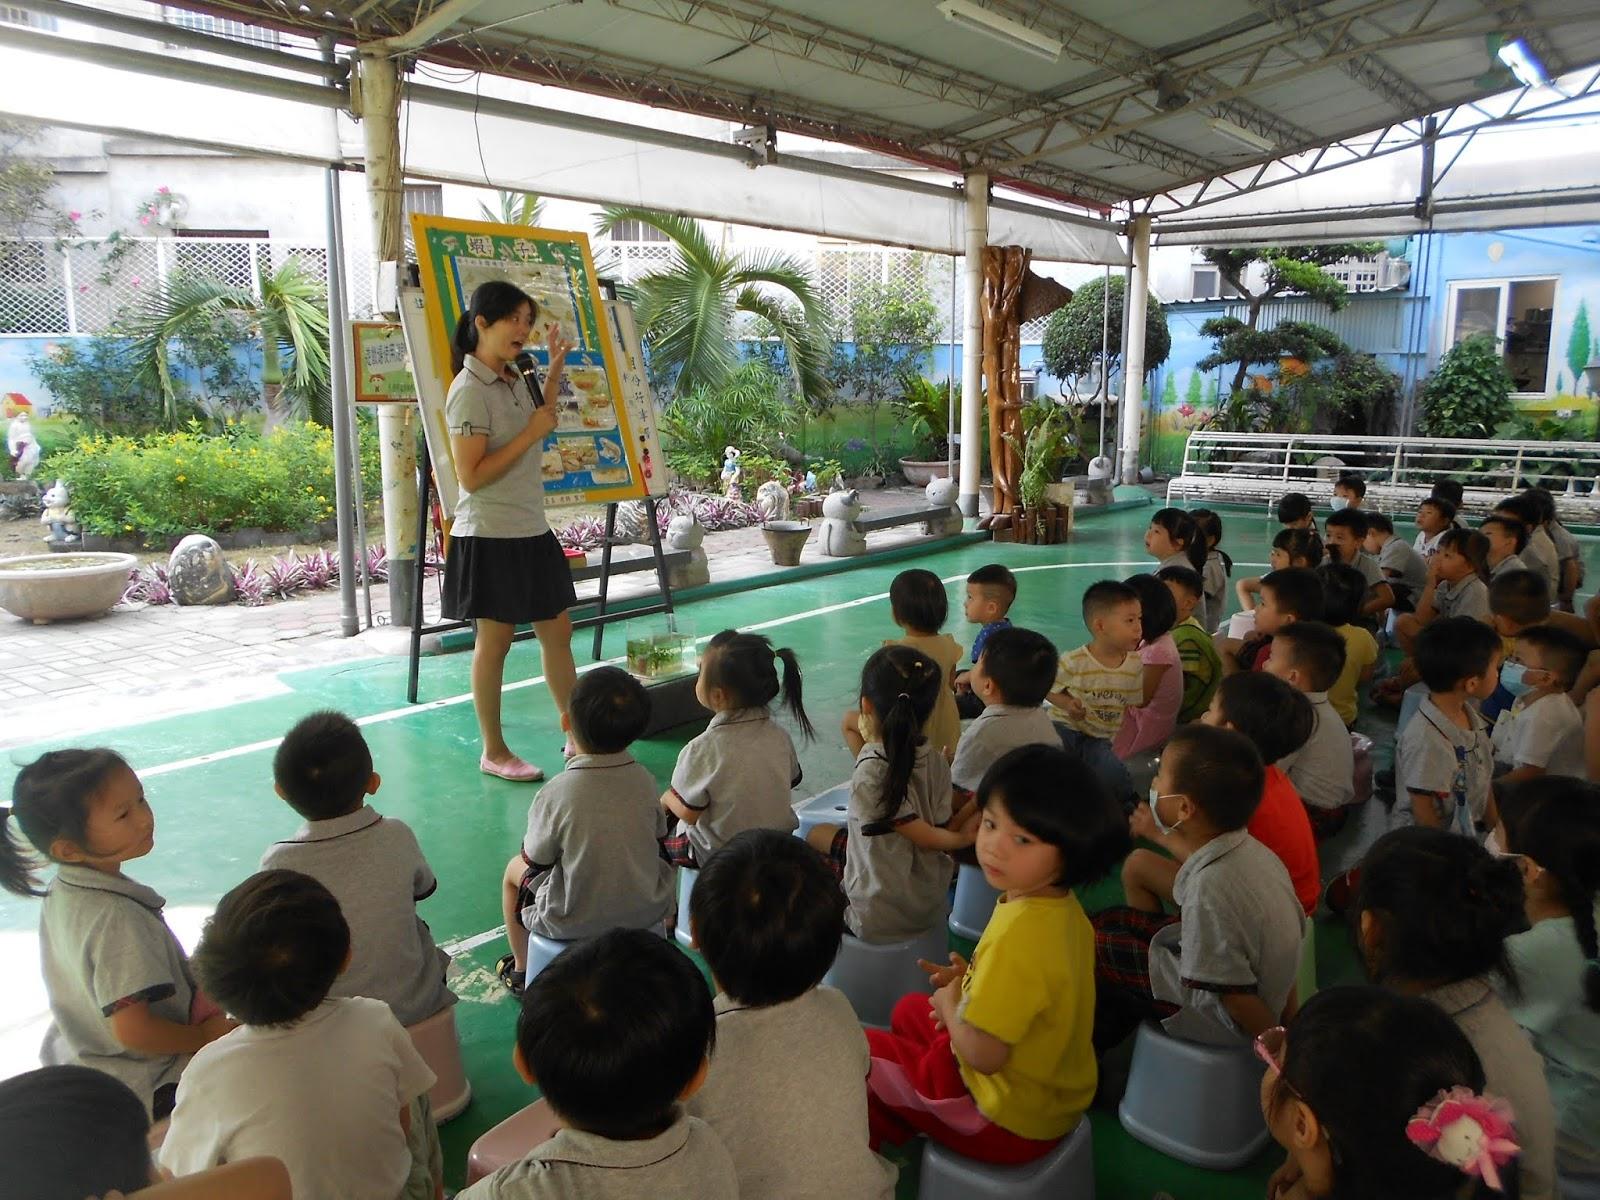 和平幼兒園部落格: 生態教學-蝦子